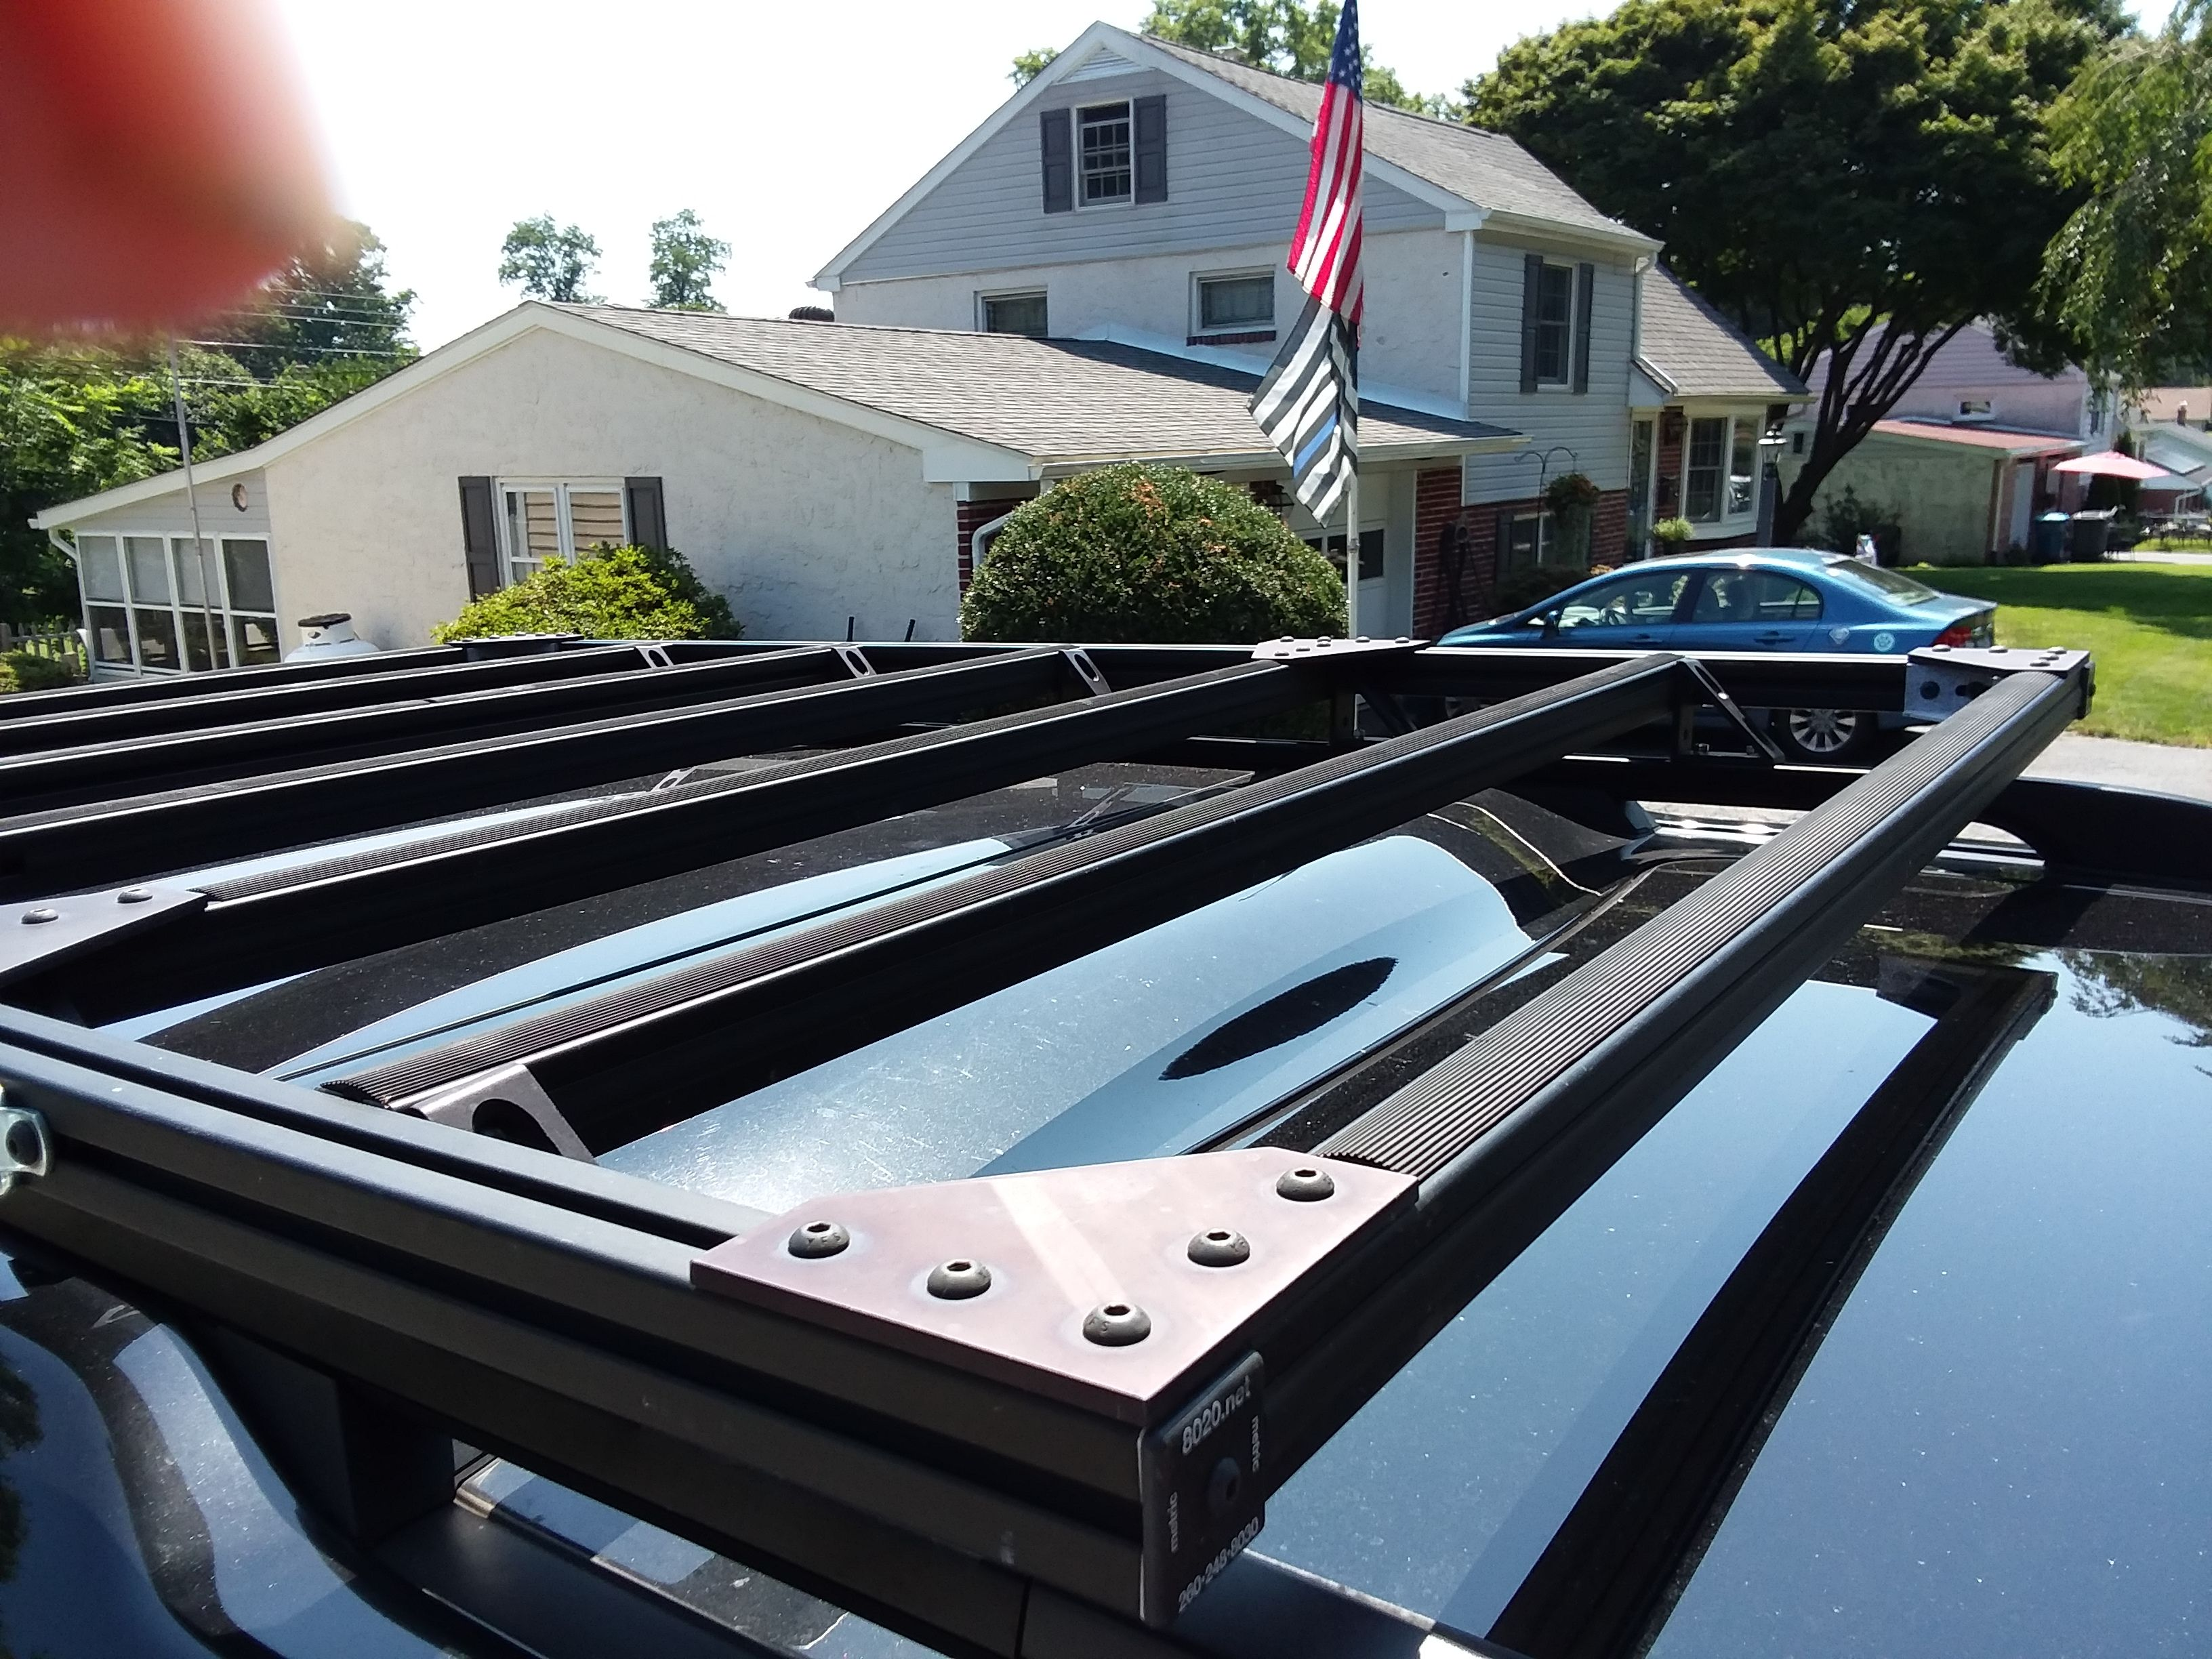 Roof Rack I Made For An Lr4 Using 80 20 T Slot Aluminum Img 3 Mercedes Sprinter 4x4 Roof Rack Aluminum